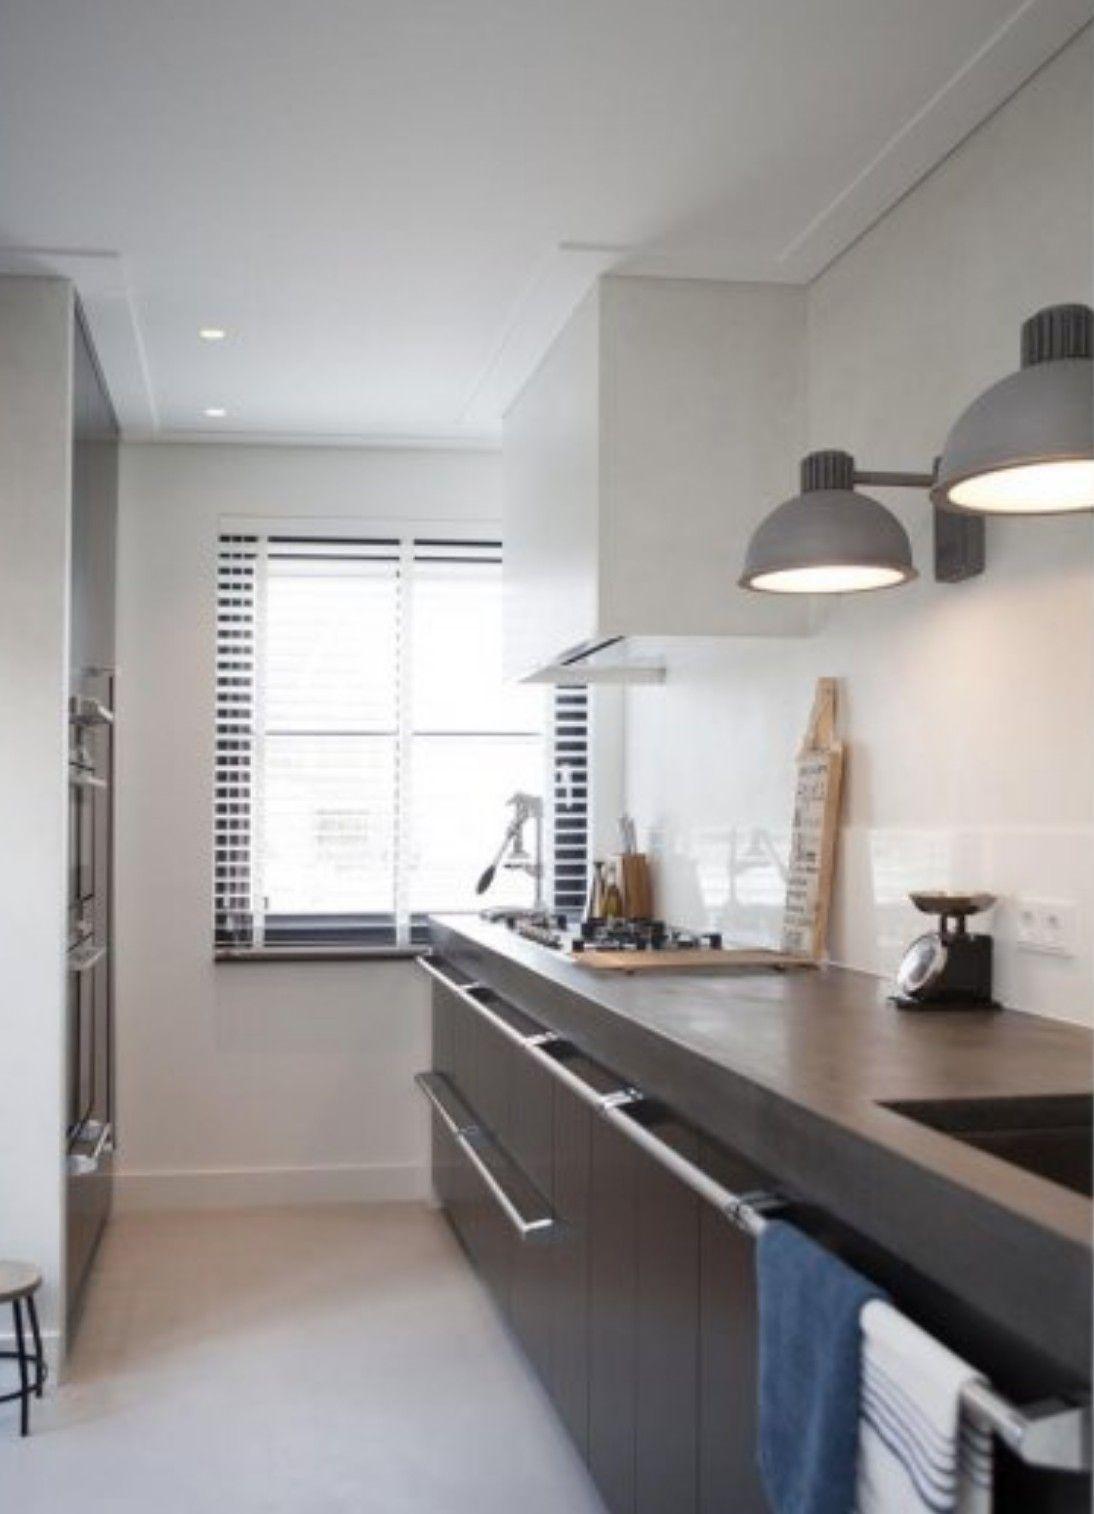 Pin von fylhtq auf Кухня | Pinterest | Küchen inspiration, Küche und ...